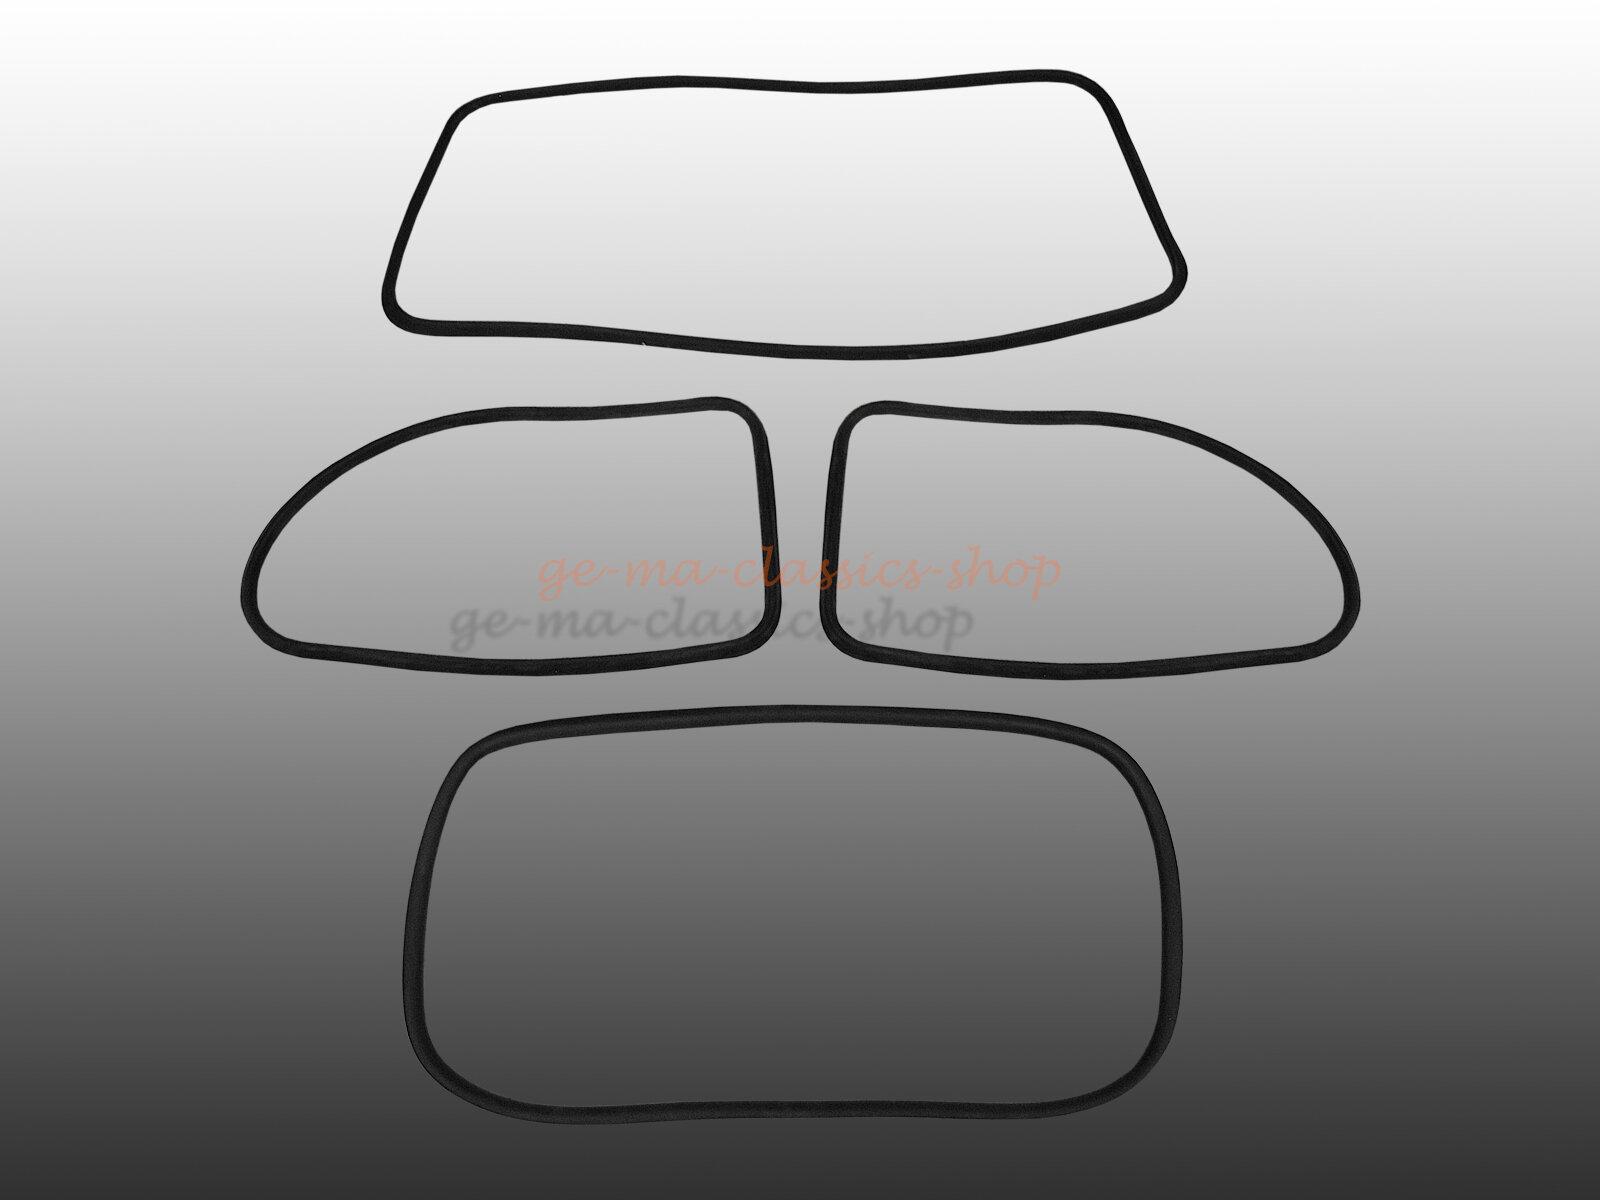 Scheibendichtsatz für VW Käfer 1303 mit Nut für PVC Keder + Keder